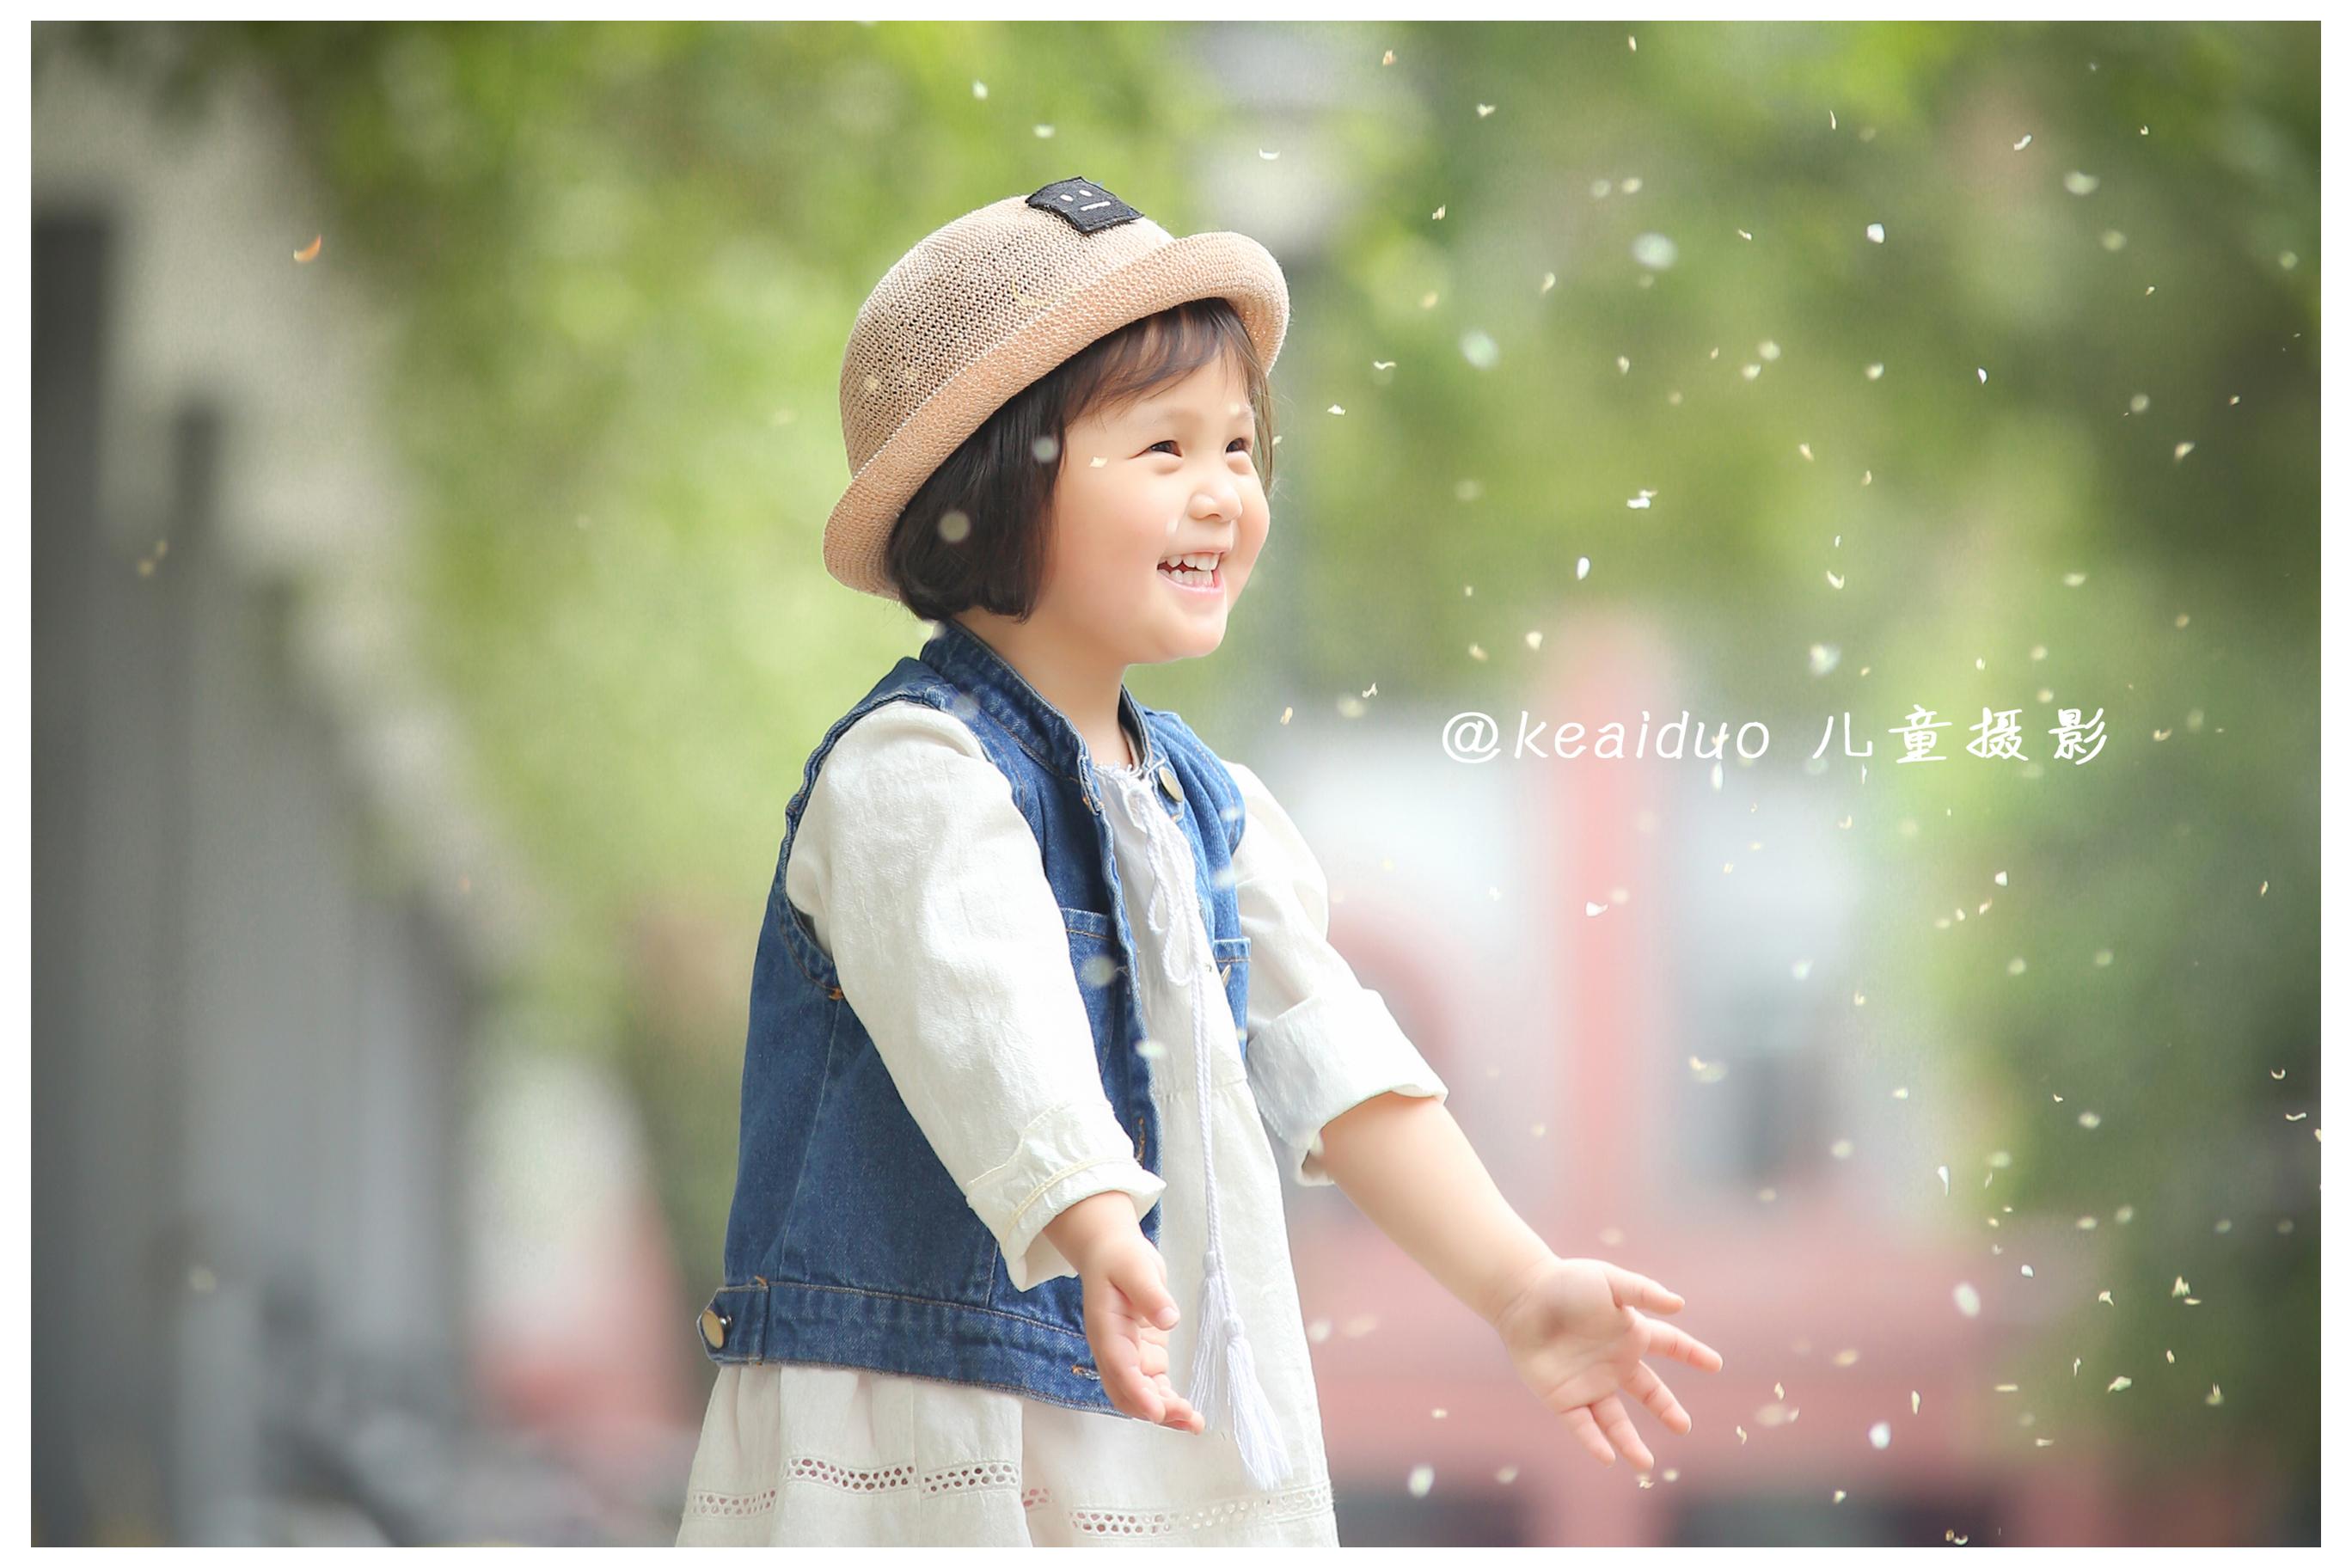 可爱多儿童摄影抓拍时刻